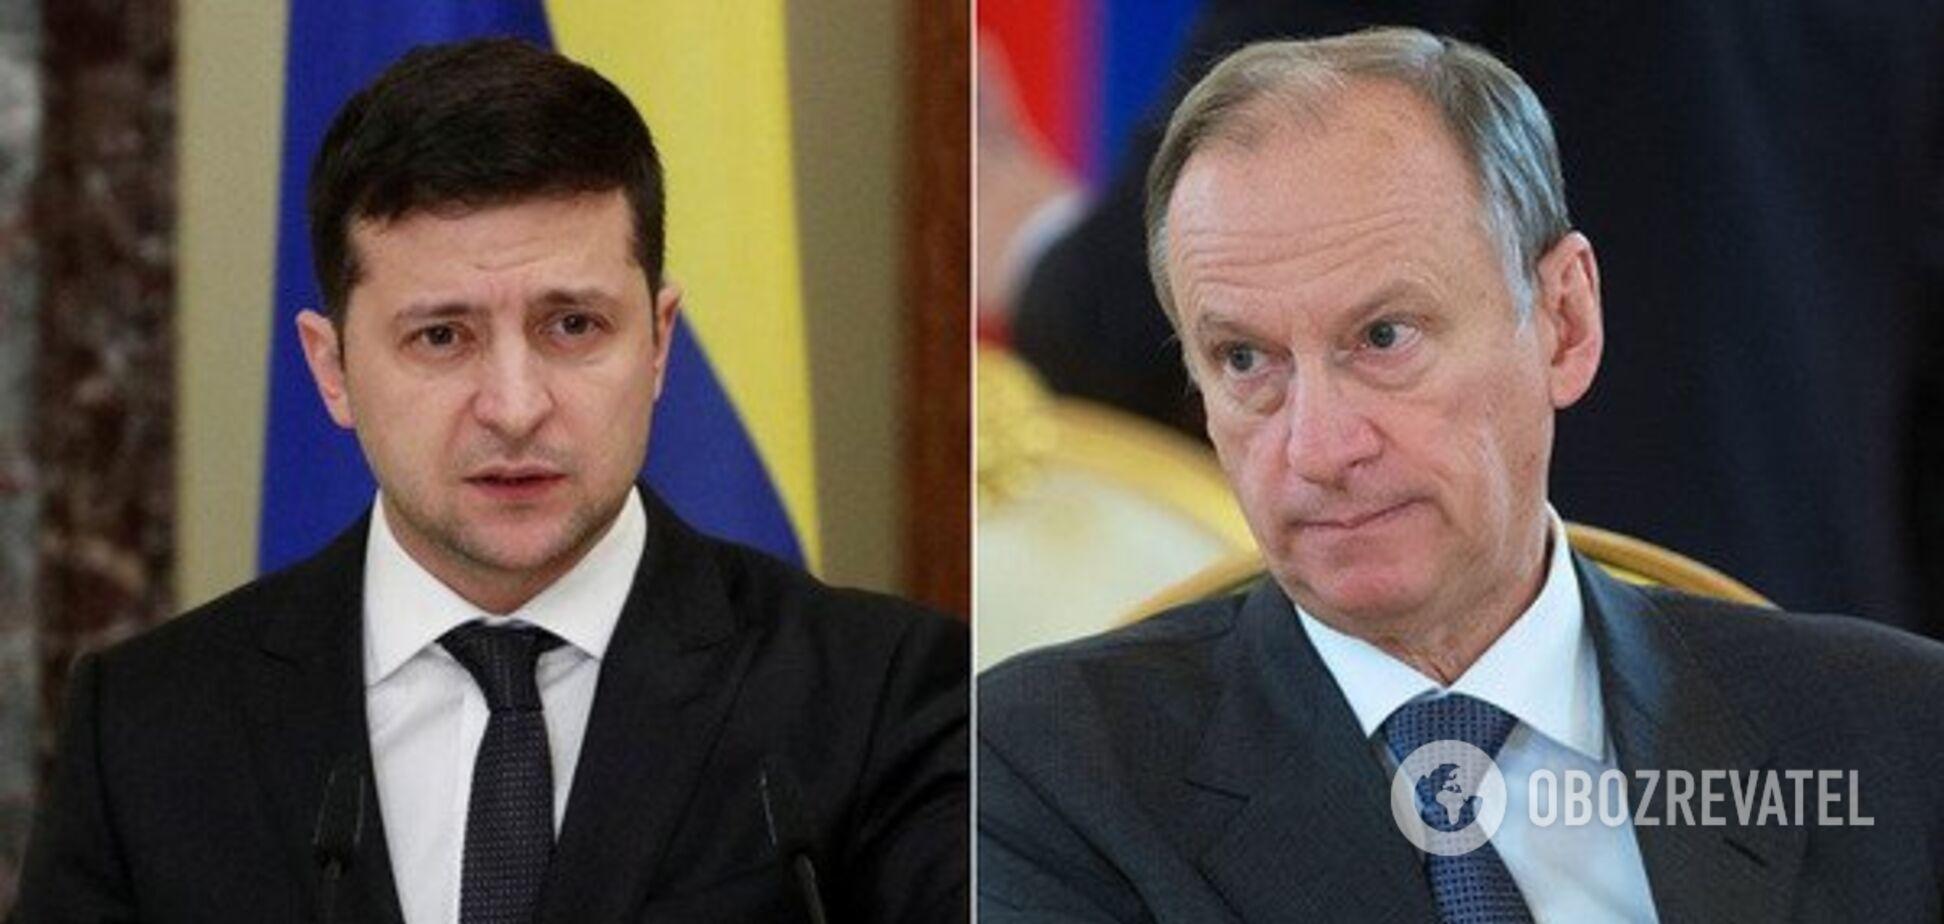 Зустріч Зеленського з Патрушевим: з'явилася перша реакція Кремля